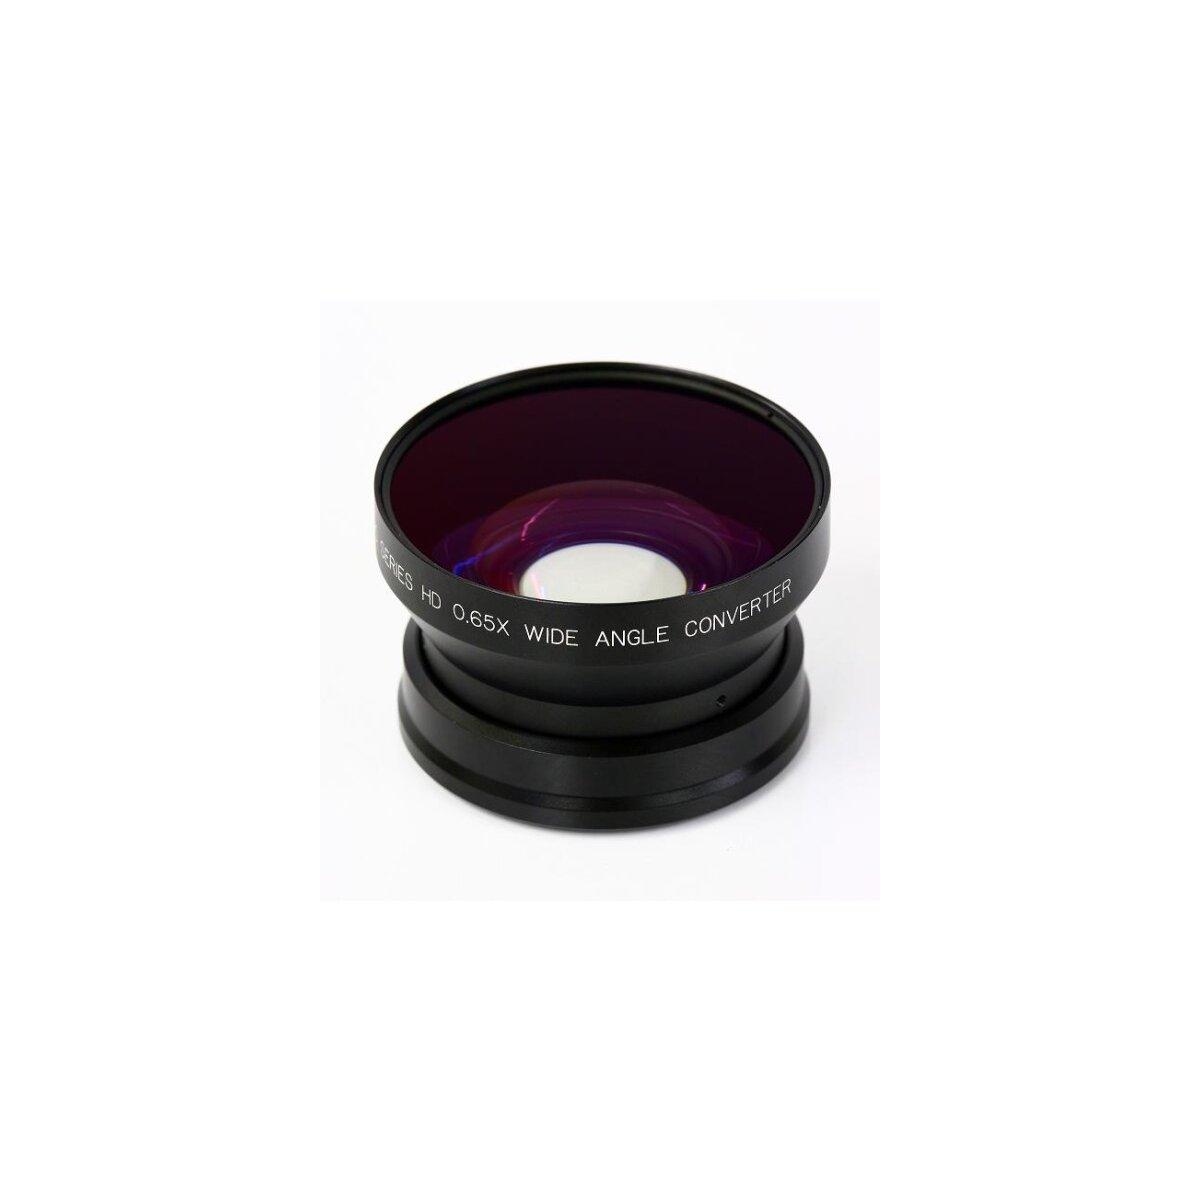 0.65x Weitwinkel Adapter kompatibel für Sony DCR-VX2100, DCR-VX2000, DSR-PD150, DSR-PD170, DSR-250, DSR-200, DSR-220A